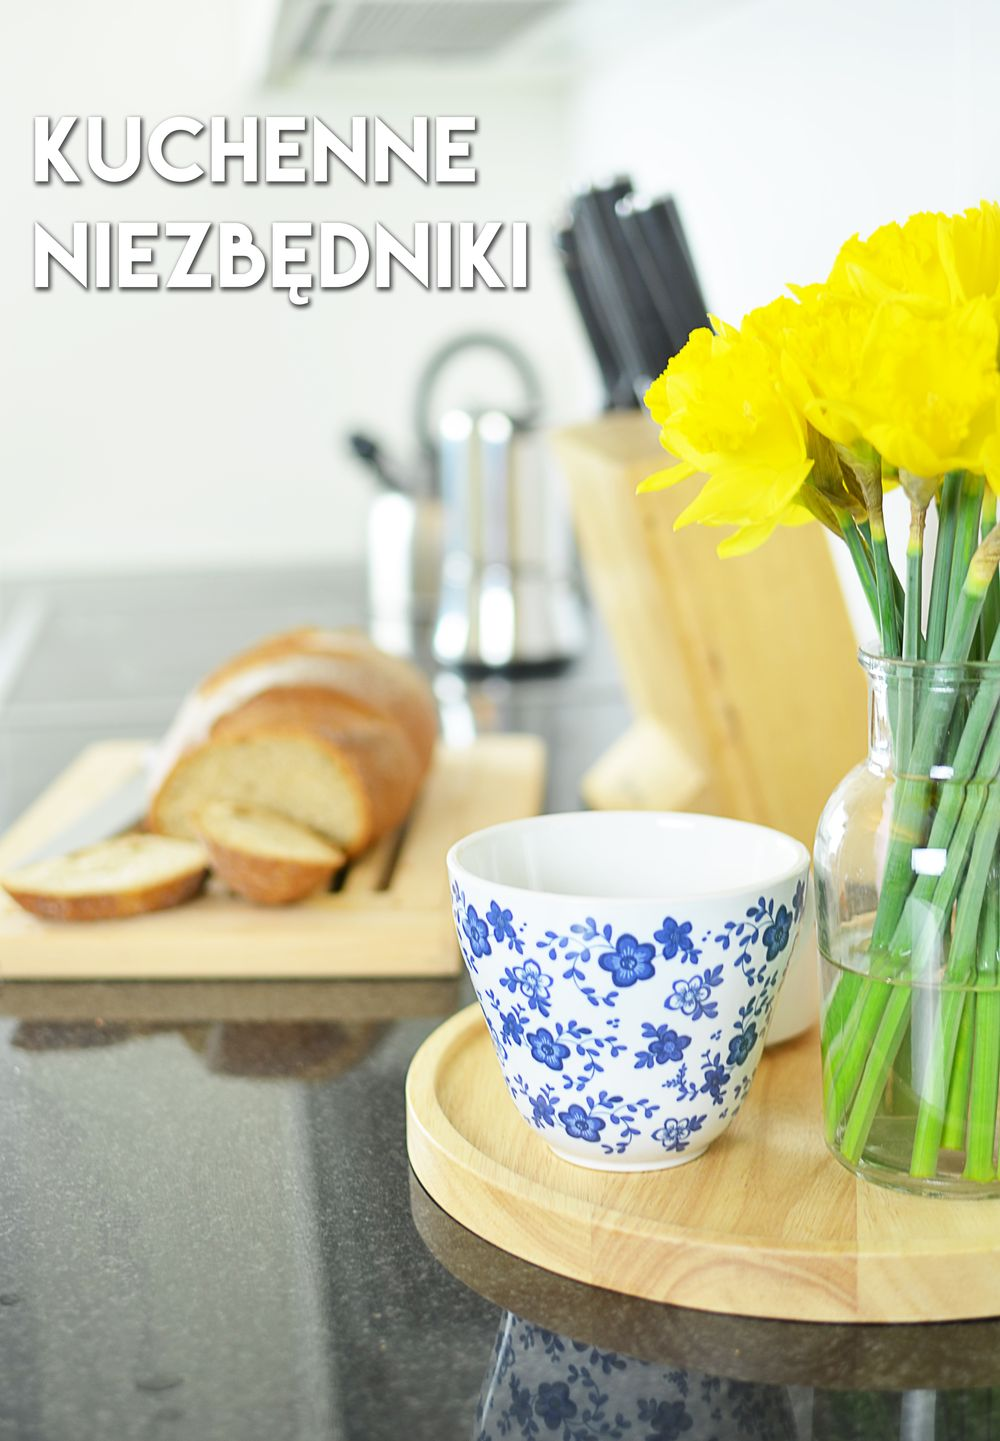 Kuchenne niezbędniki, które ułatwiają pracę i pomagają utrzymać porządek | Polenka.pl